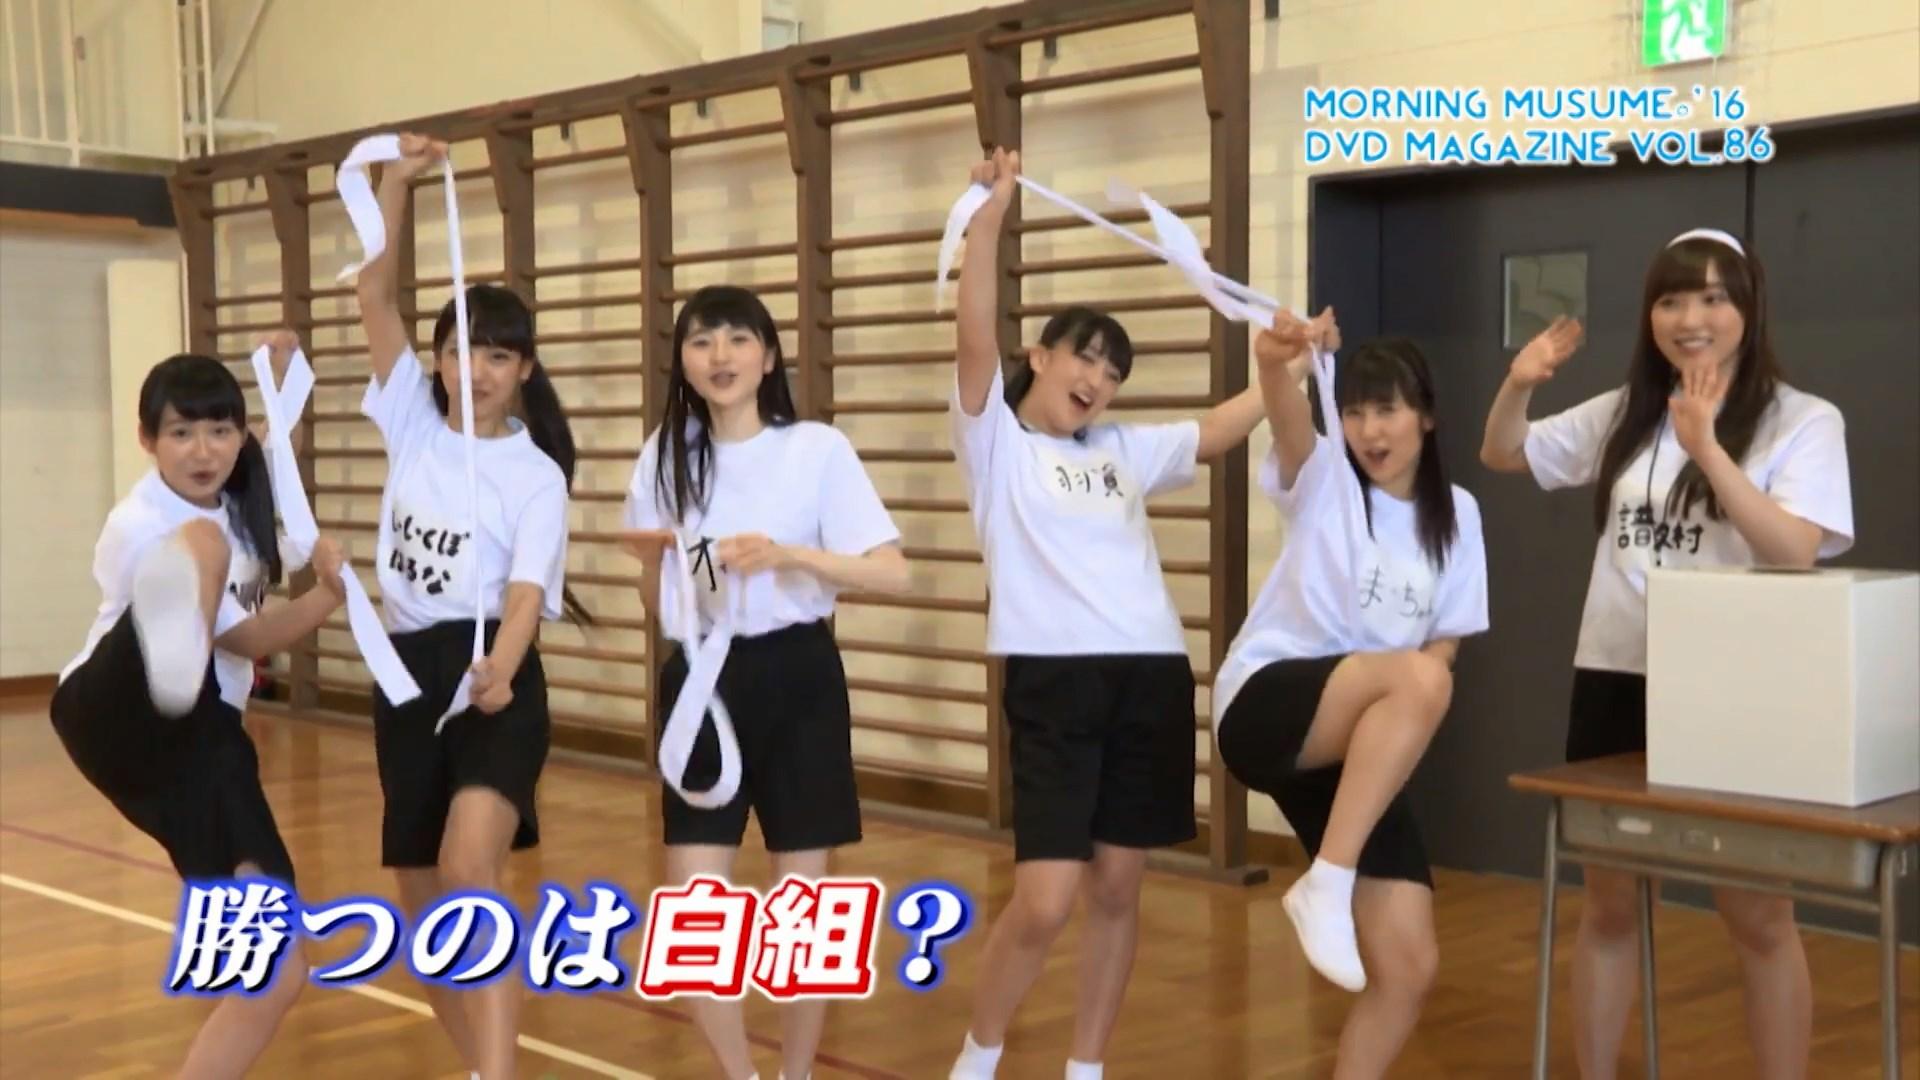 【エンタメ画像】モーニング娘。'16の&#3相互フェラ39;動会キタ━━━(゚∀゚)━━━ !!!